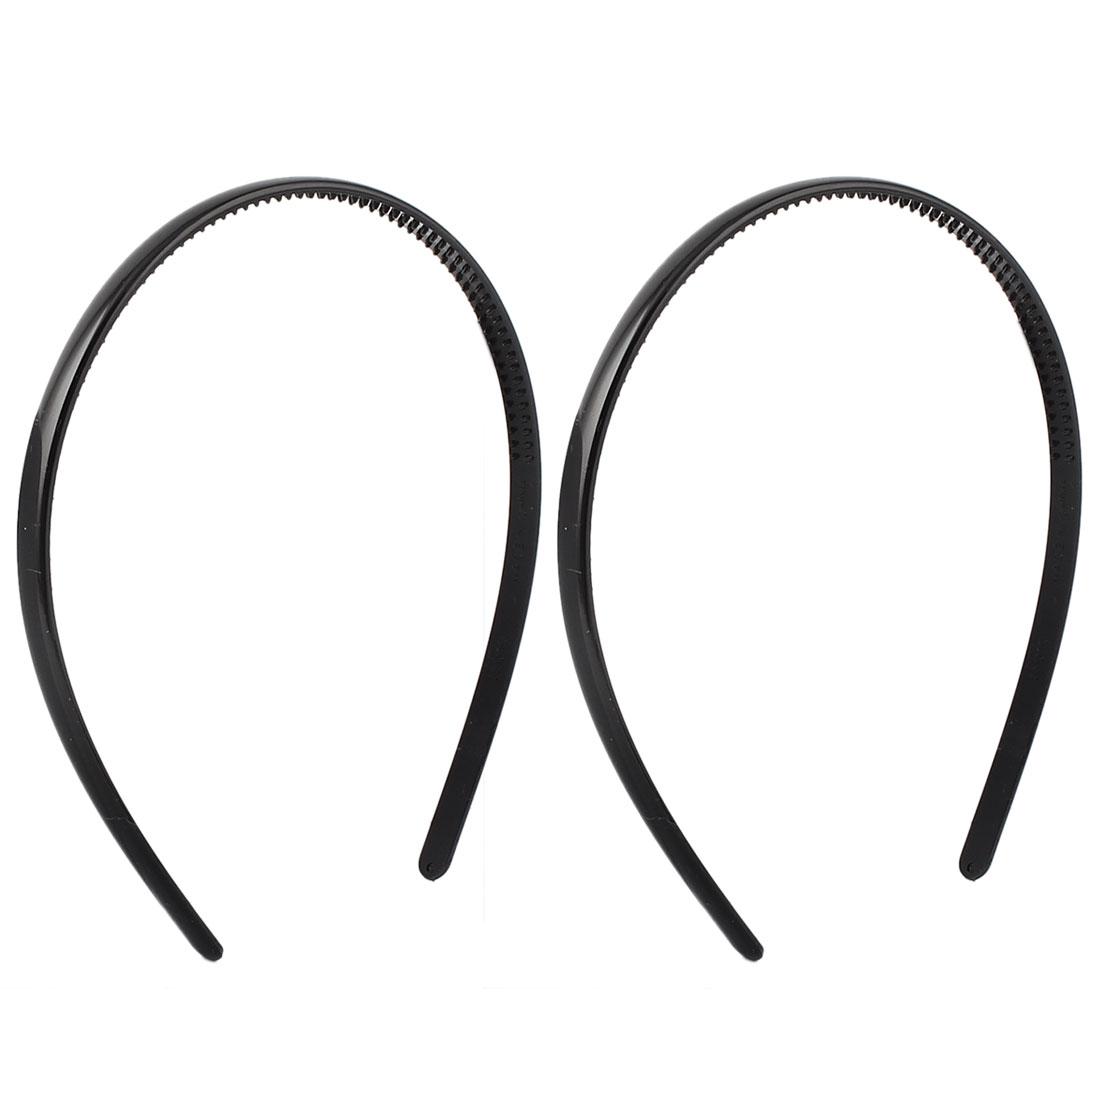 Lady Girl Plastic Tooth Waterproof Headband Hair Hoop Hairband Black 2 Pcs